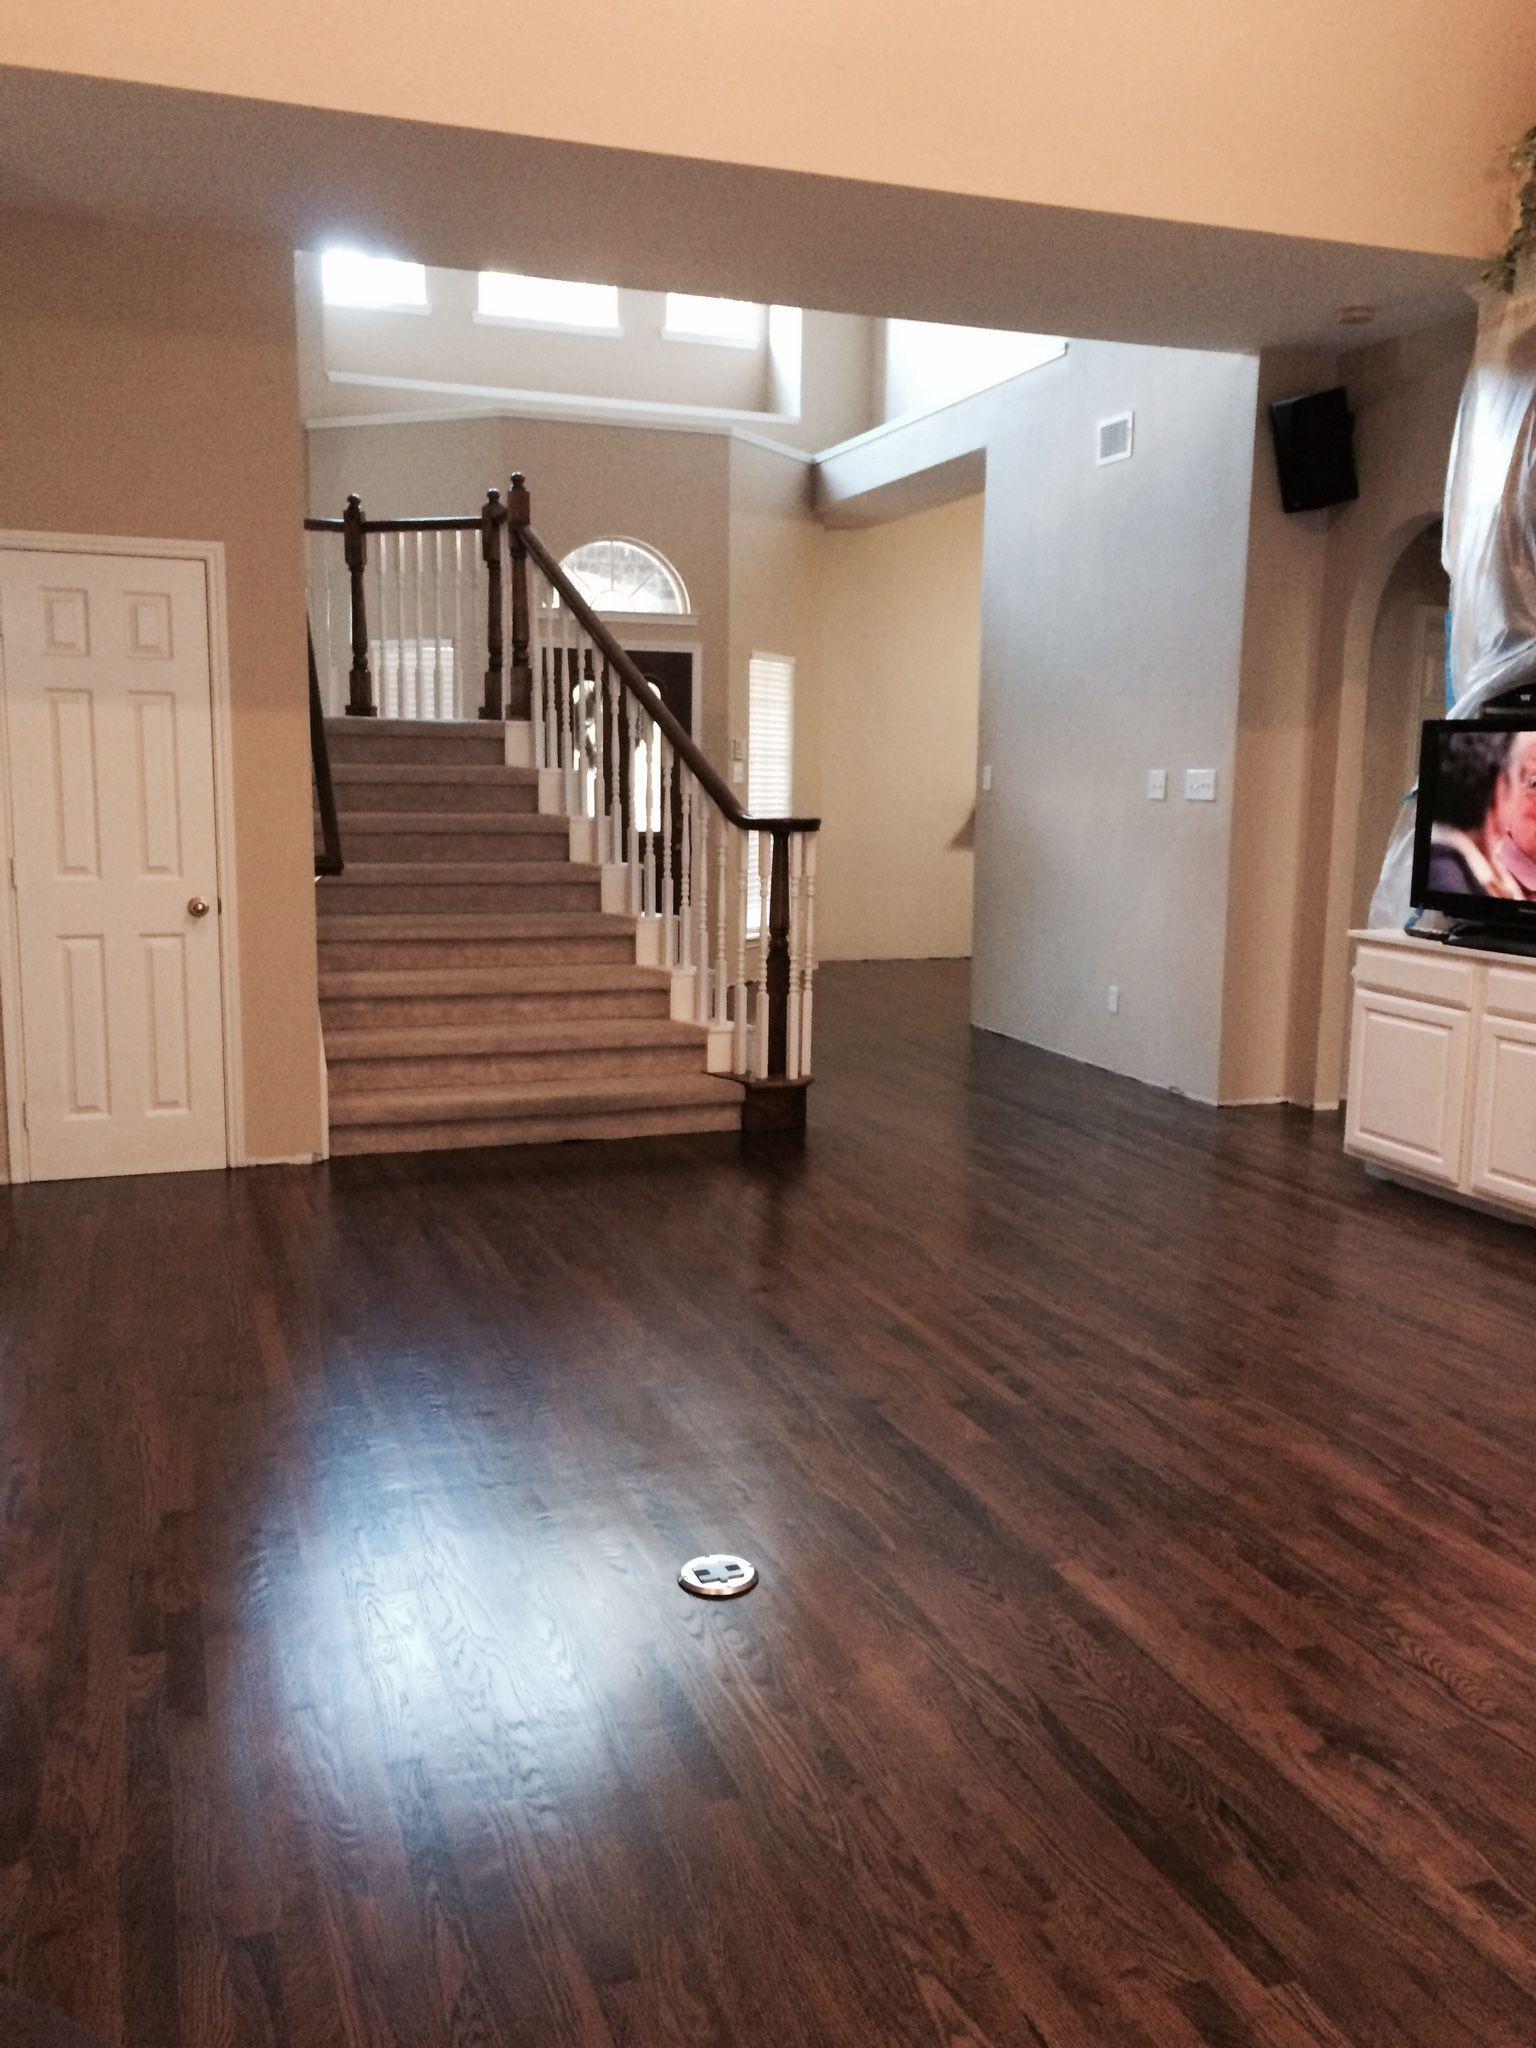 hardwood floor transition carpet of dark walnut stain on white oak hardwood remodel 1floors in 2018 with dark walnut stain on white oak hardwood walnut hardwood flooring hardwood floor stain colors